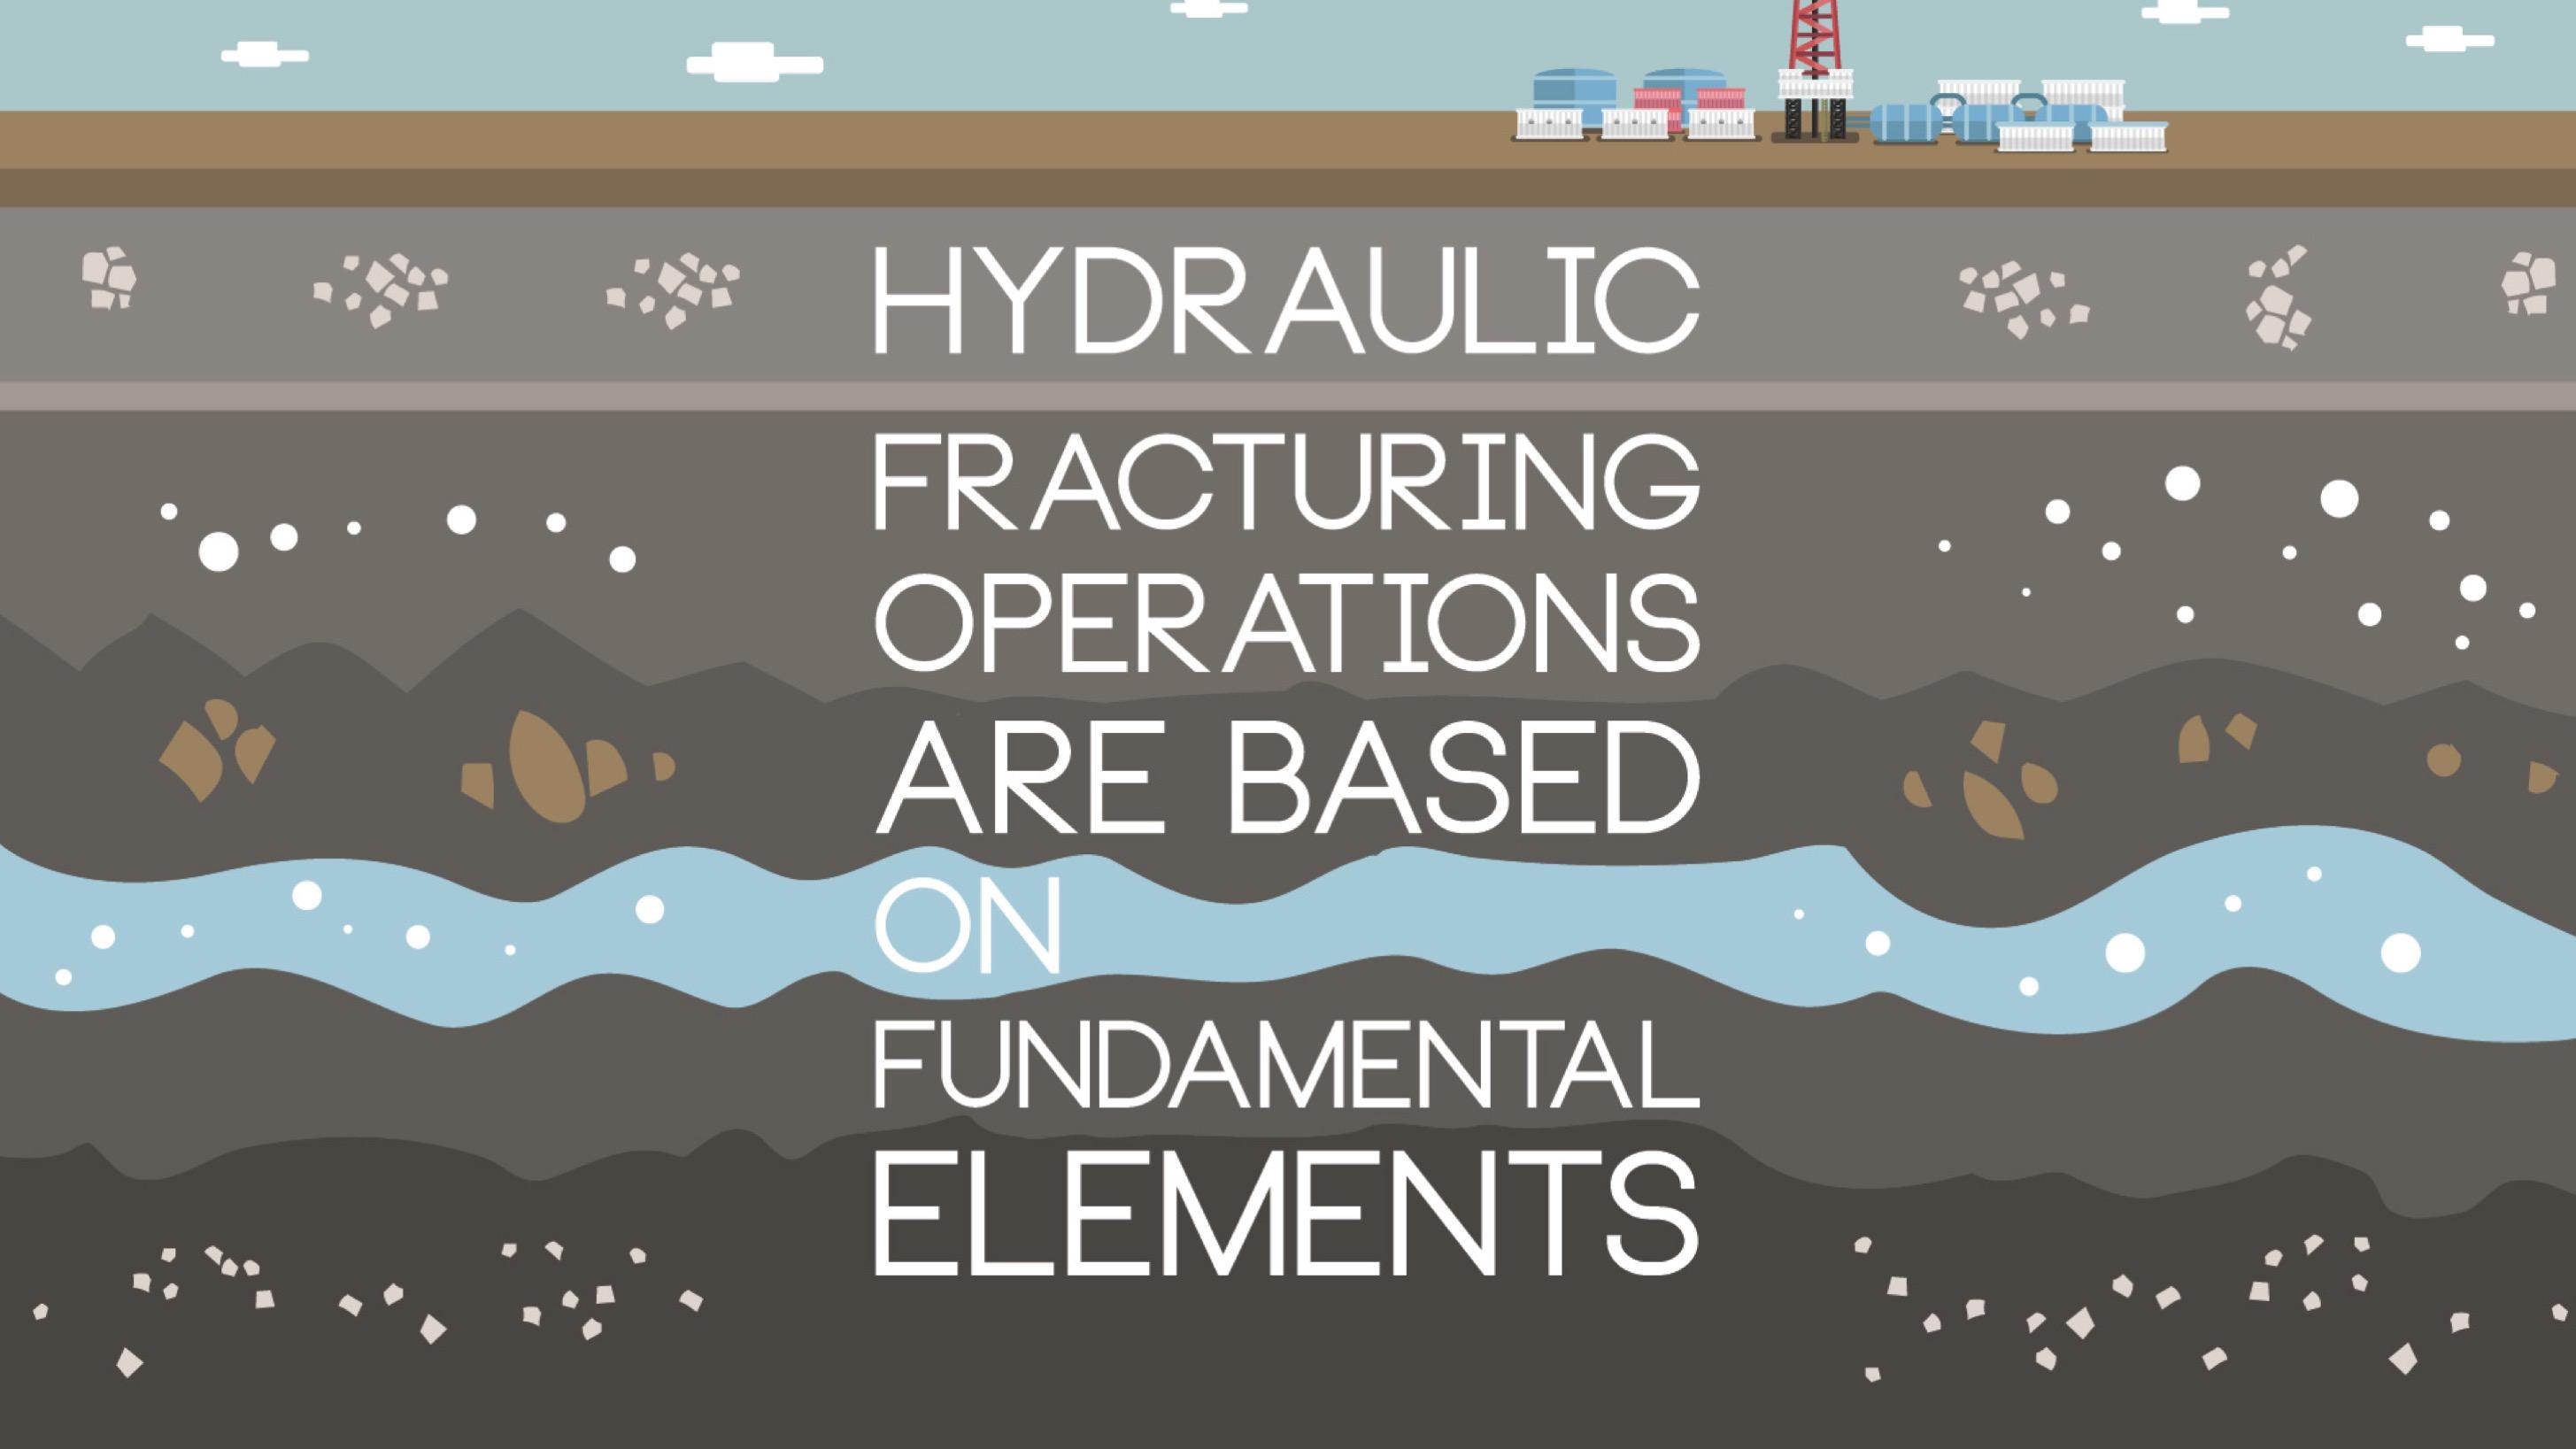 Custom Demo Video Fracking Explained